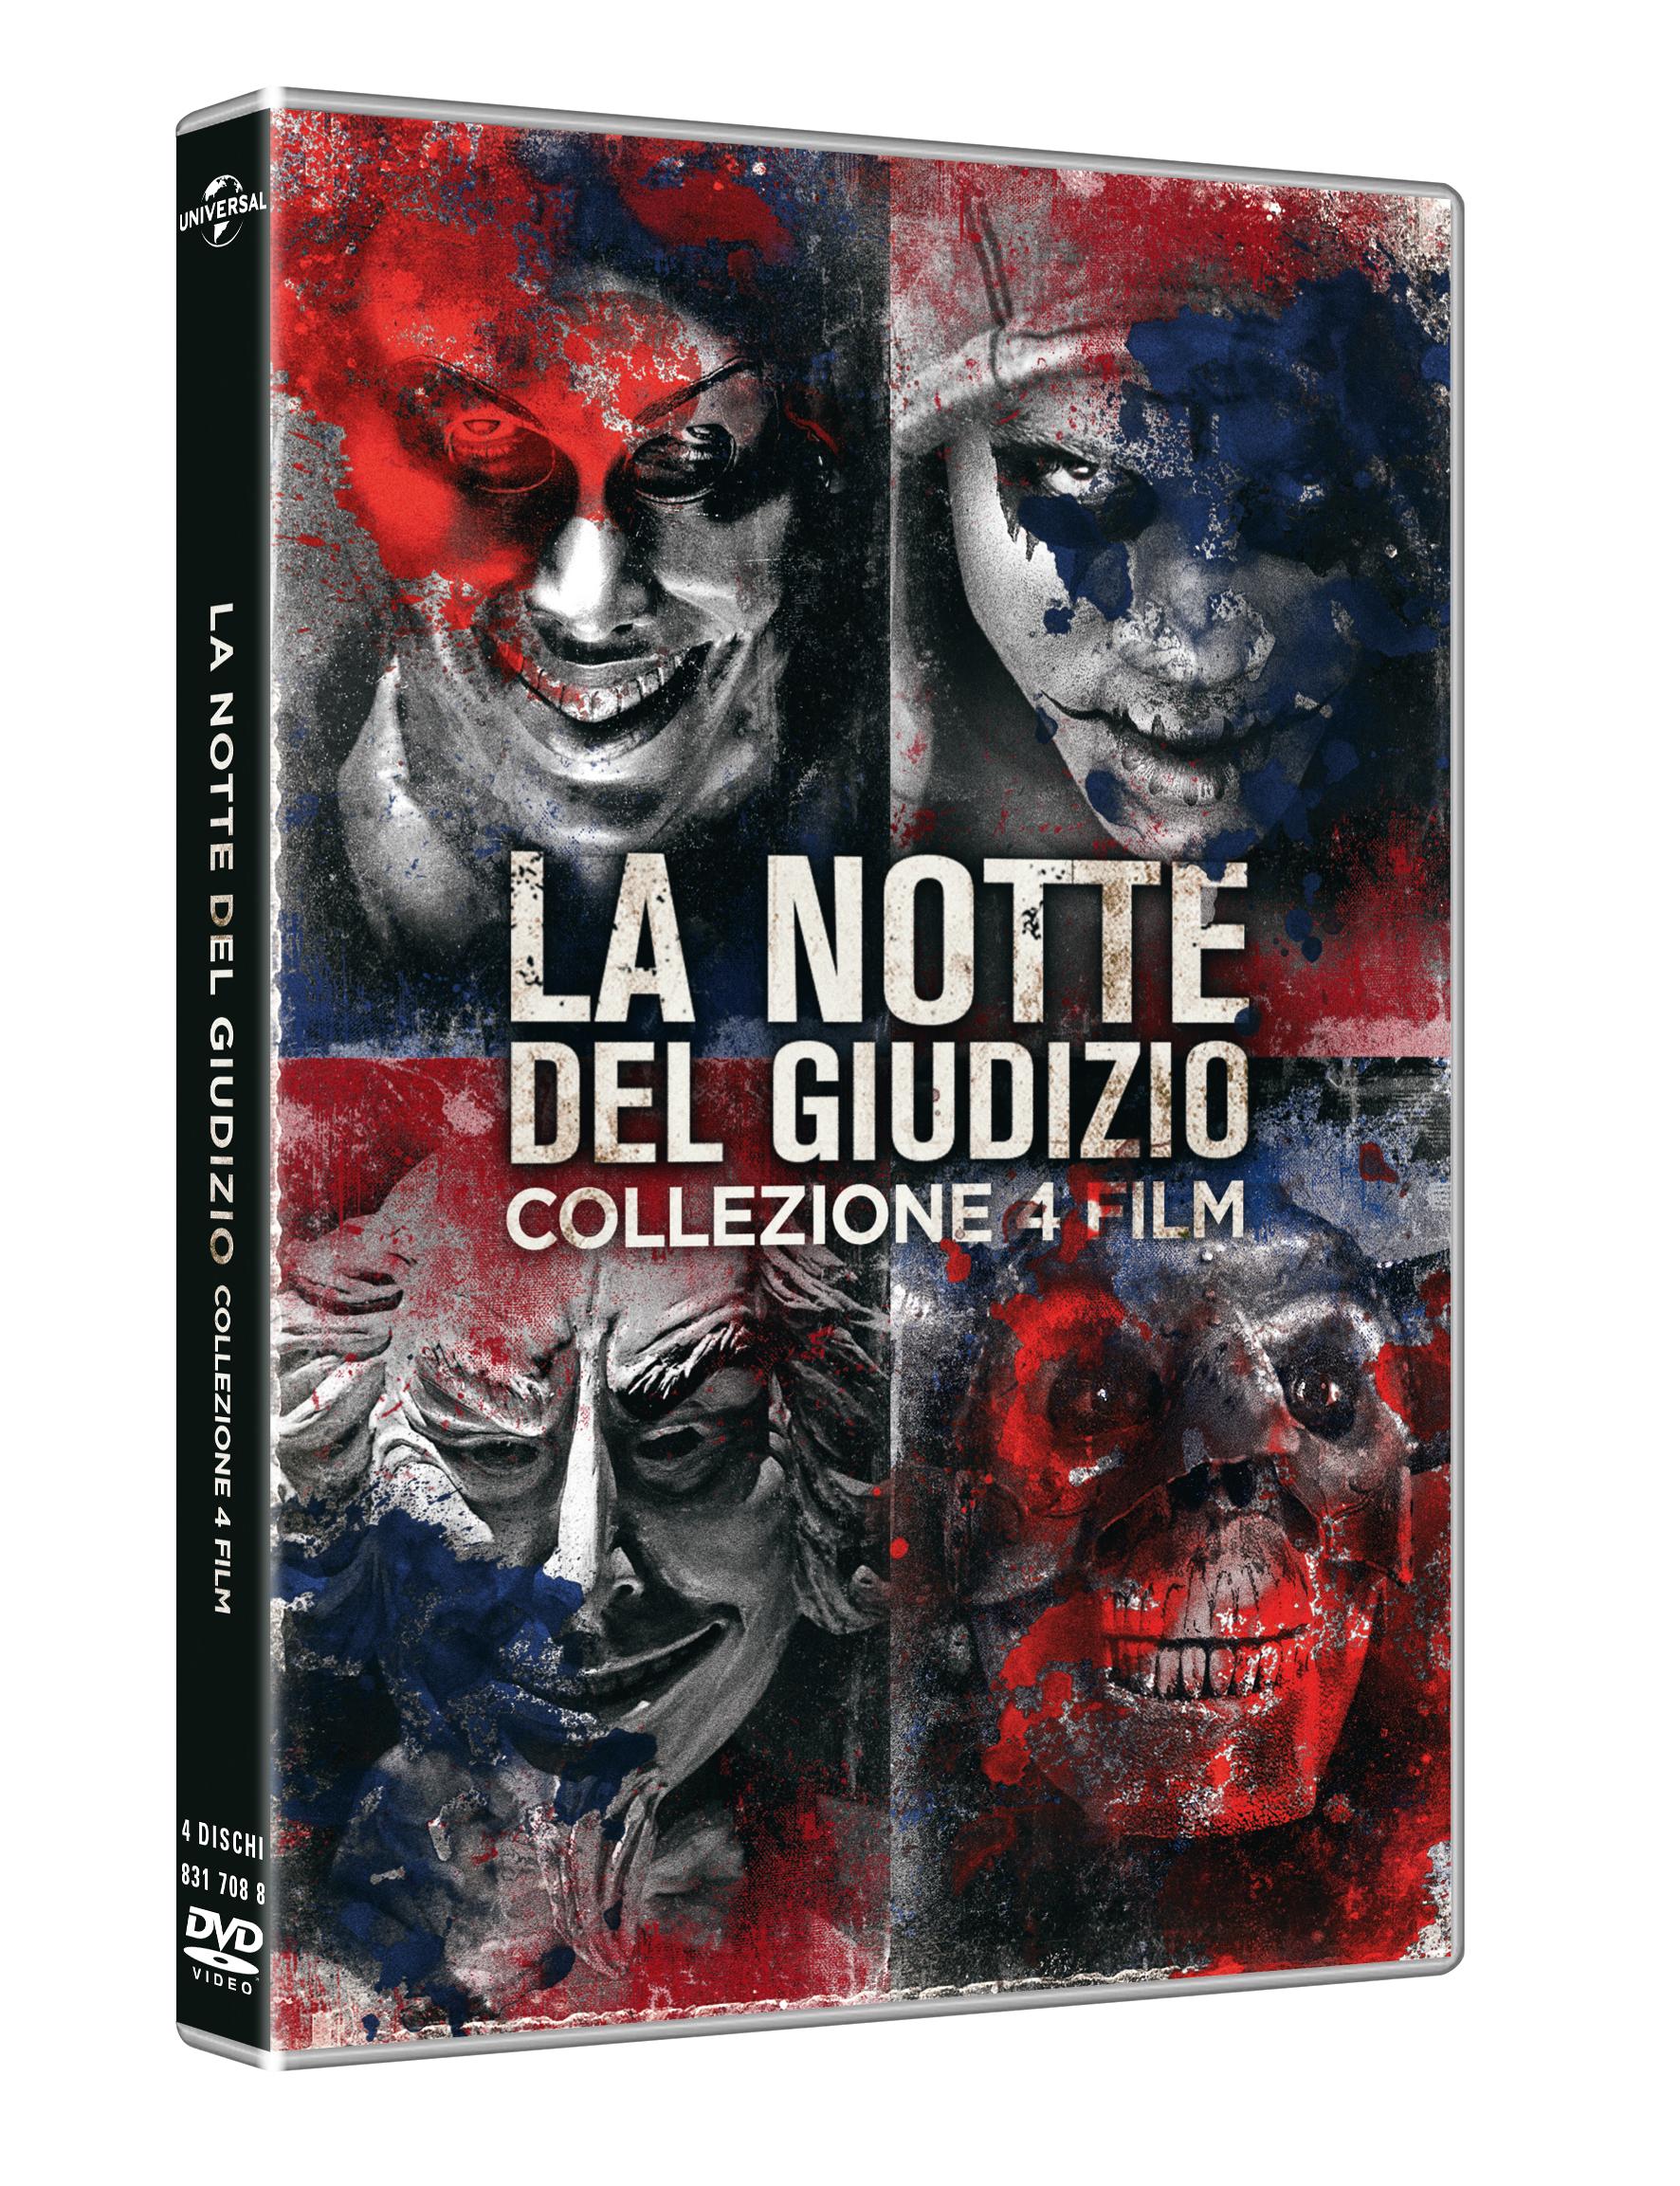 NotteDelGiudizio-Boxset_1-4_Ita_DVD_Ret_8317088-40_3D